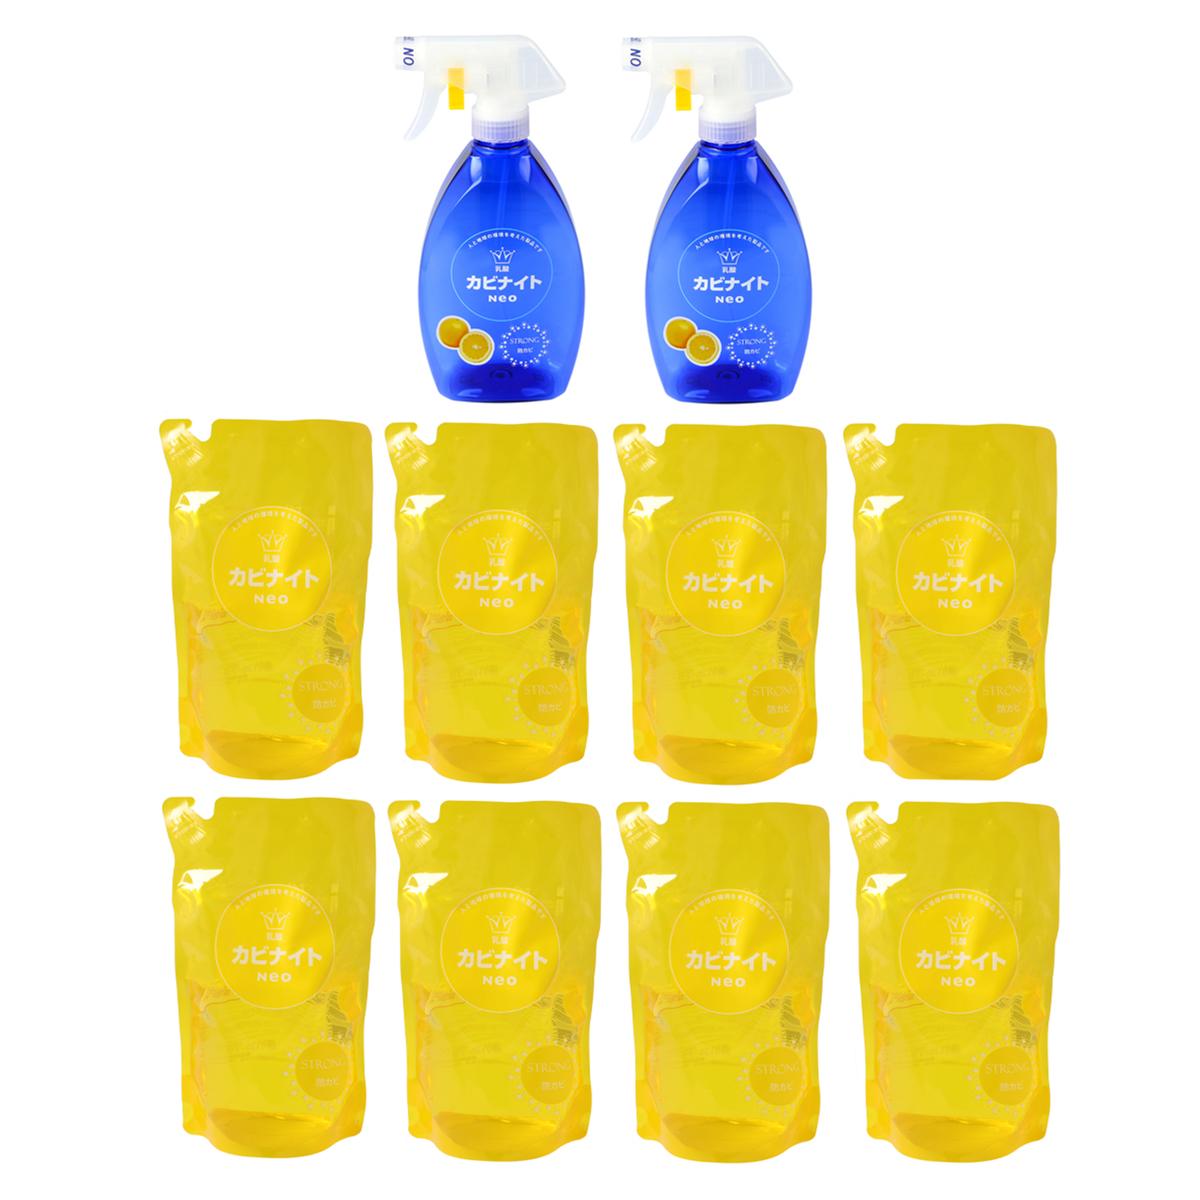 乳酸カビナイトストロング3.52Lスプレーボトル2本付セット